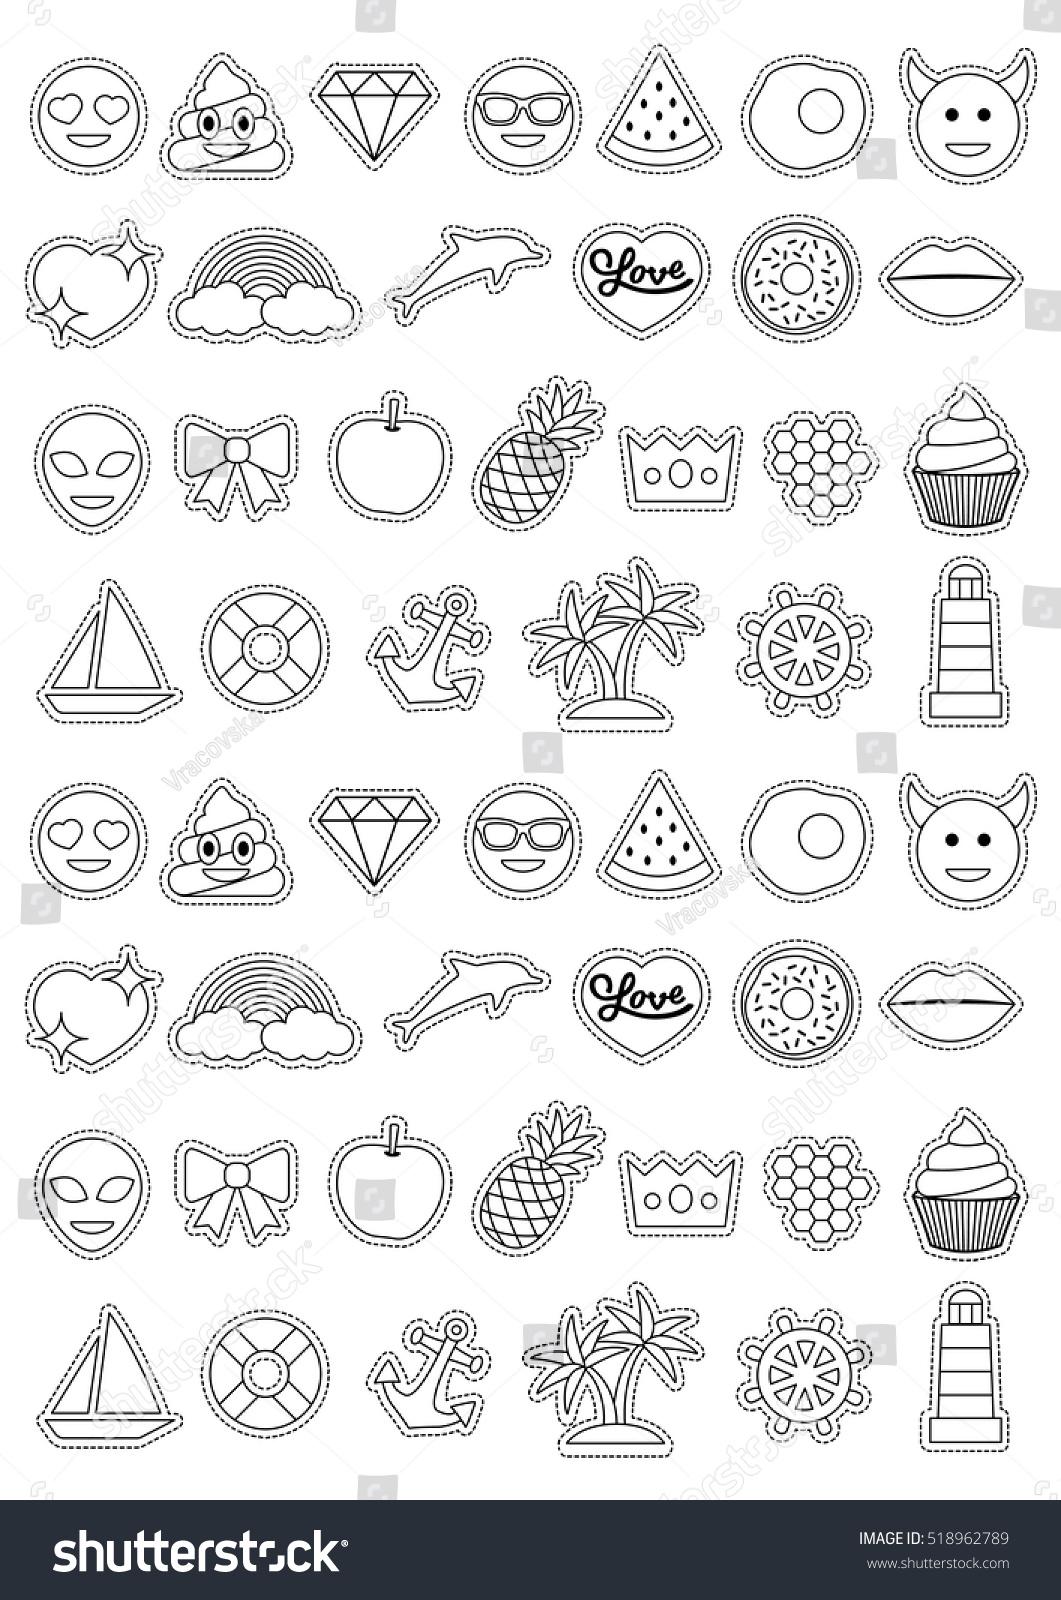 Emoticon Stickers Coloring Page A4 Emoji Stock Vector Royalty Free 518962789